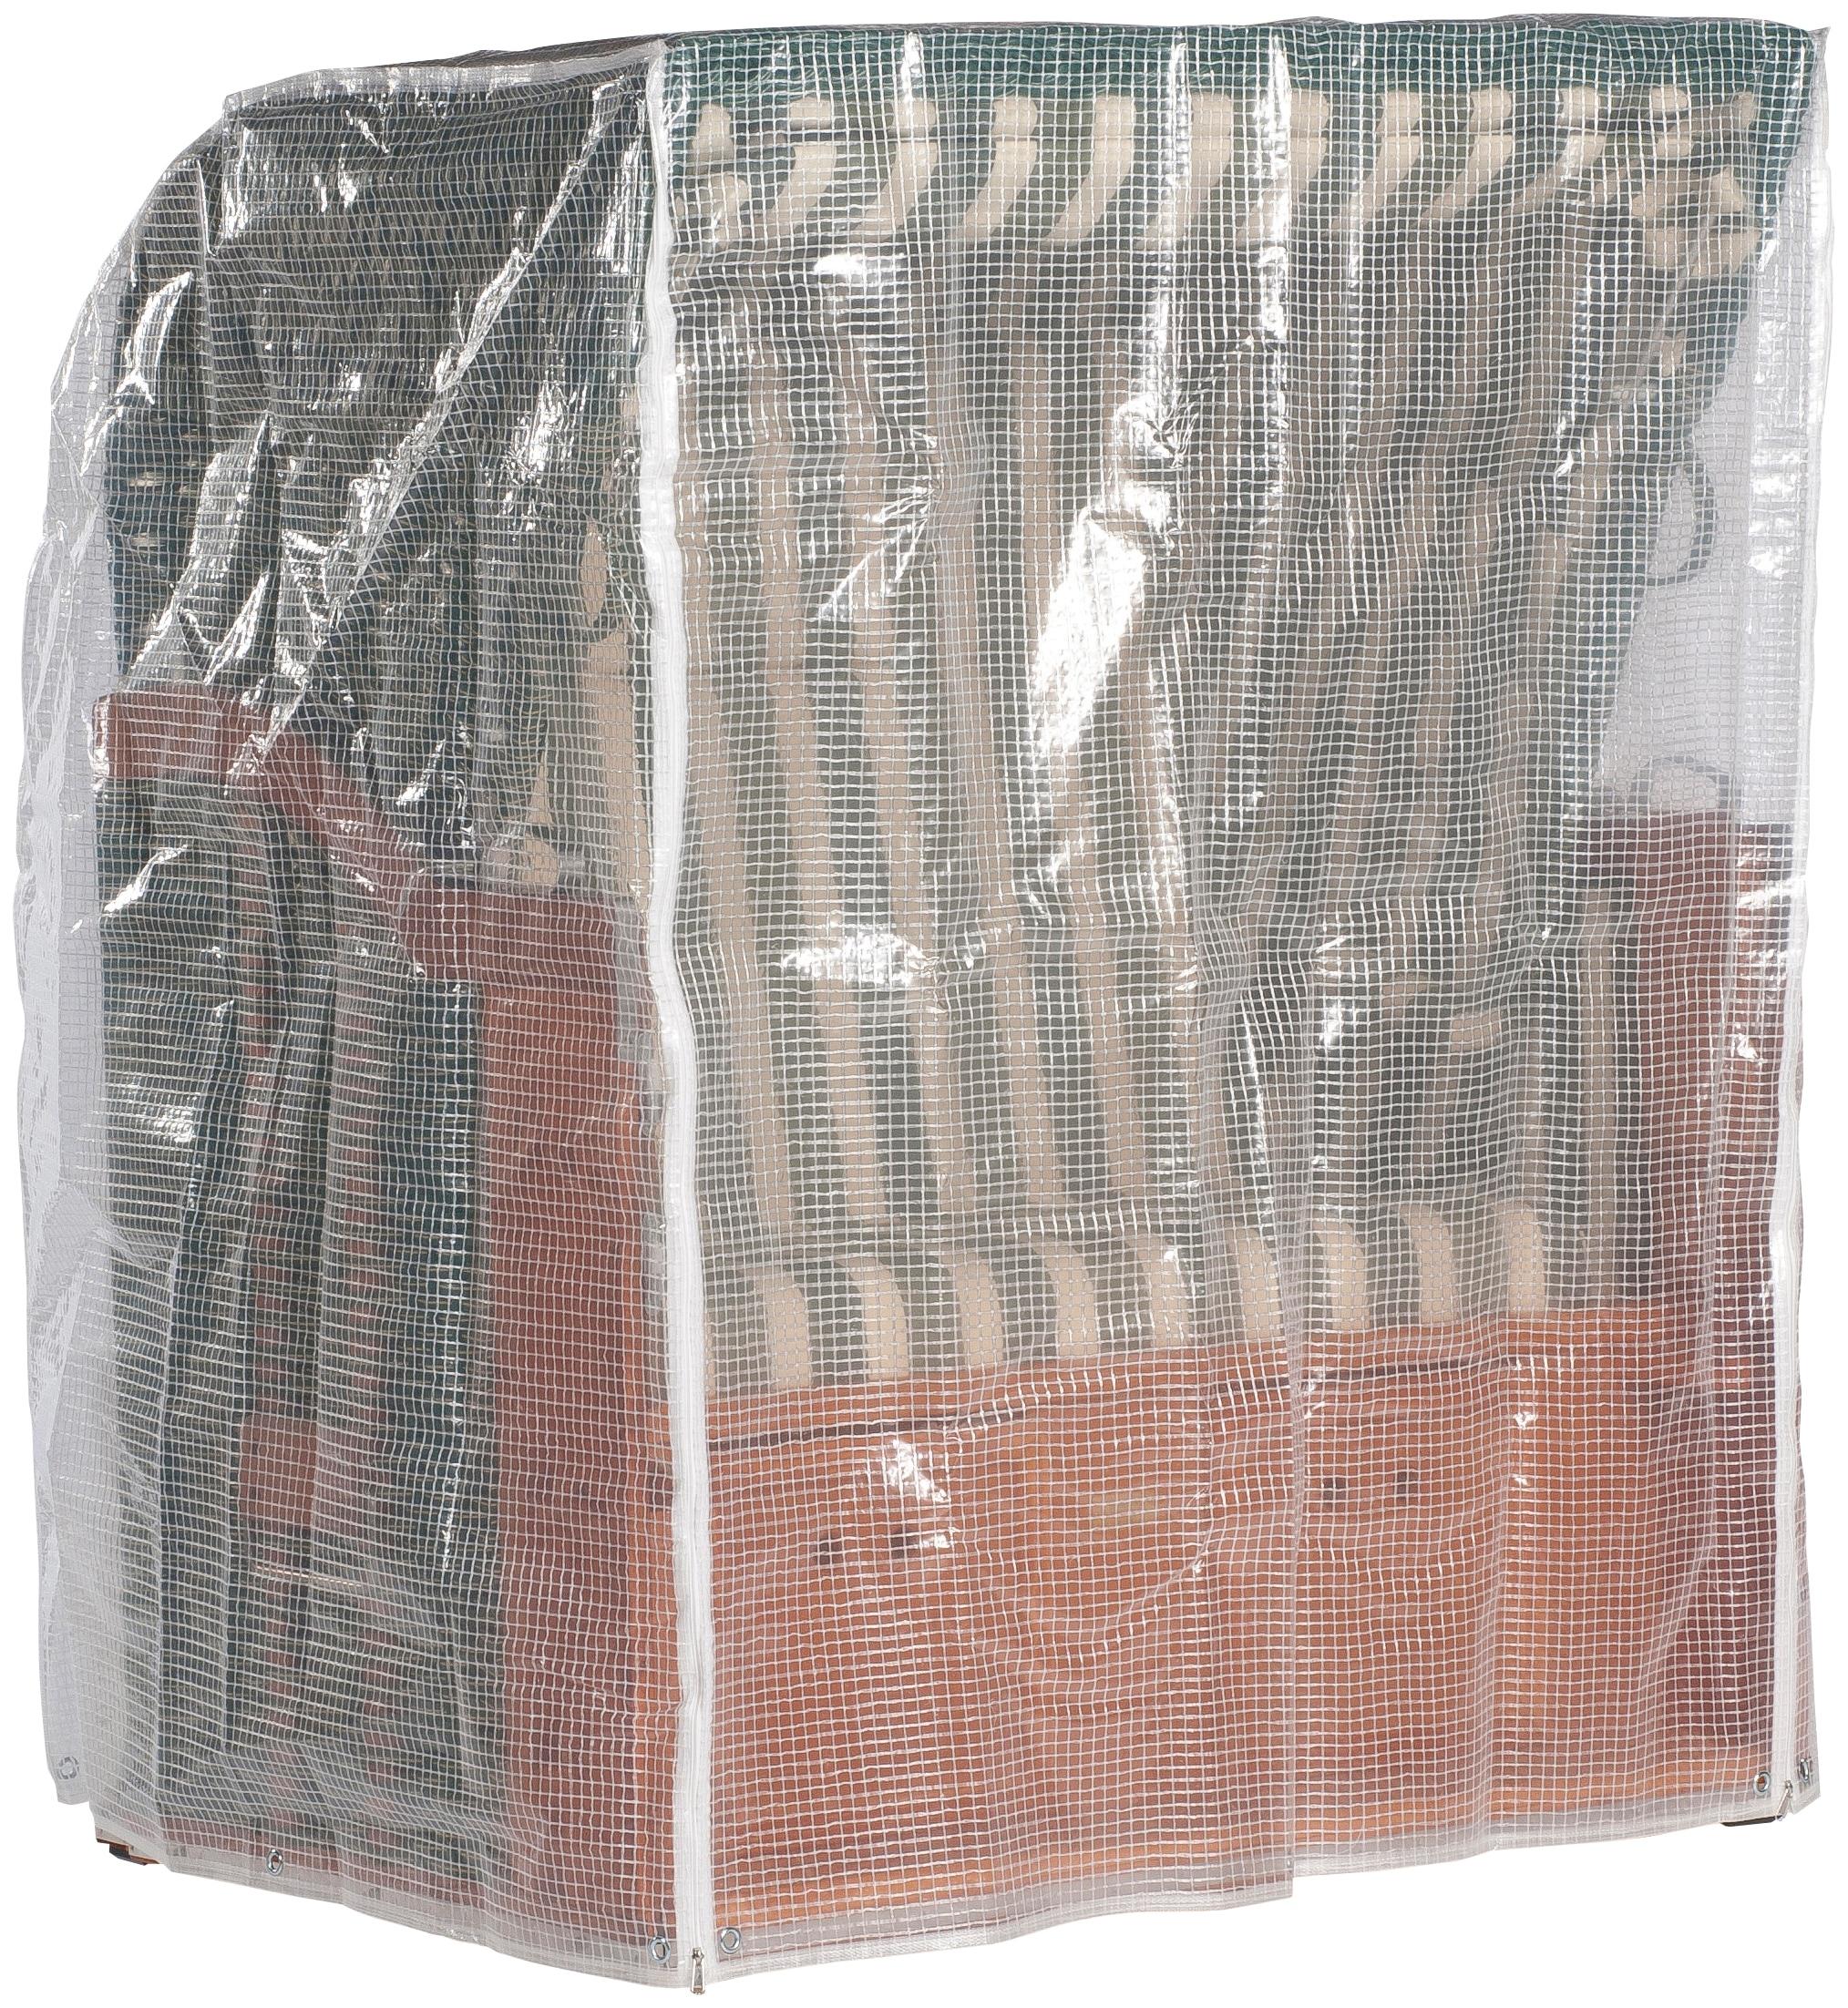 Sonnen Partner Strandkorb-Schutzhülle, für Strandkörbe, BxLxH: 144x114x154 cm, steingrau grau Schutzhüllen Auflagen und Schützhüllen Garten, Terrasse Balkon Strandkorb-Schutzhülle